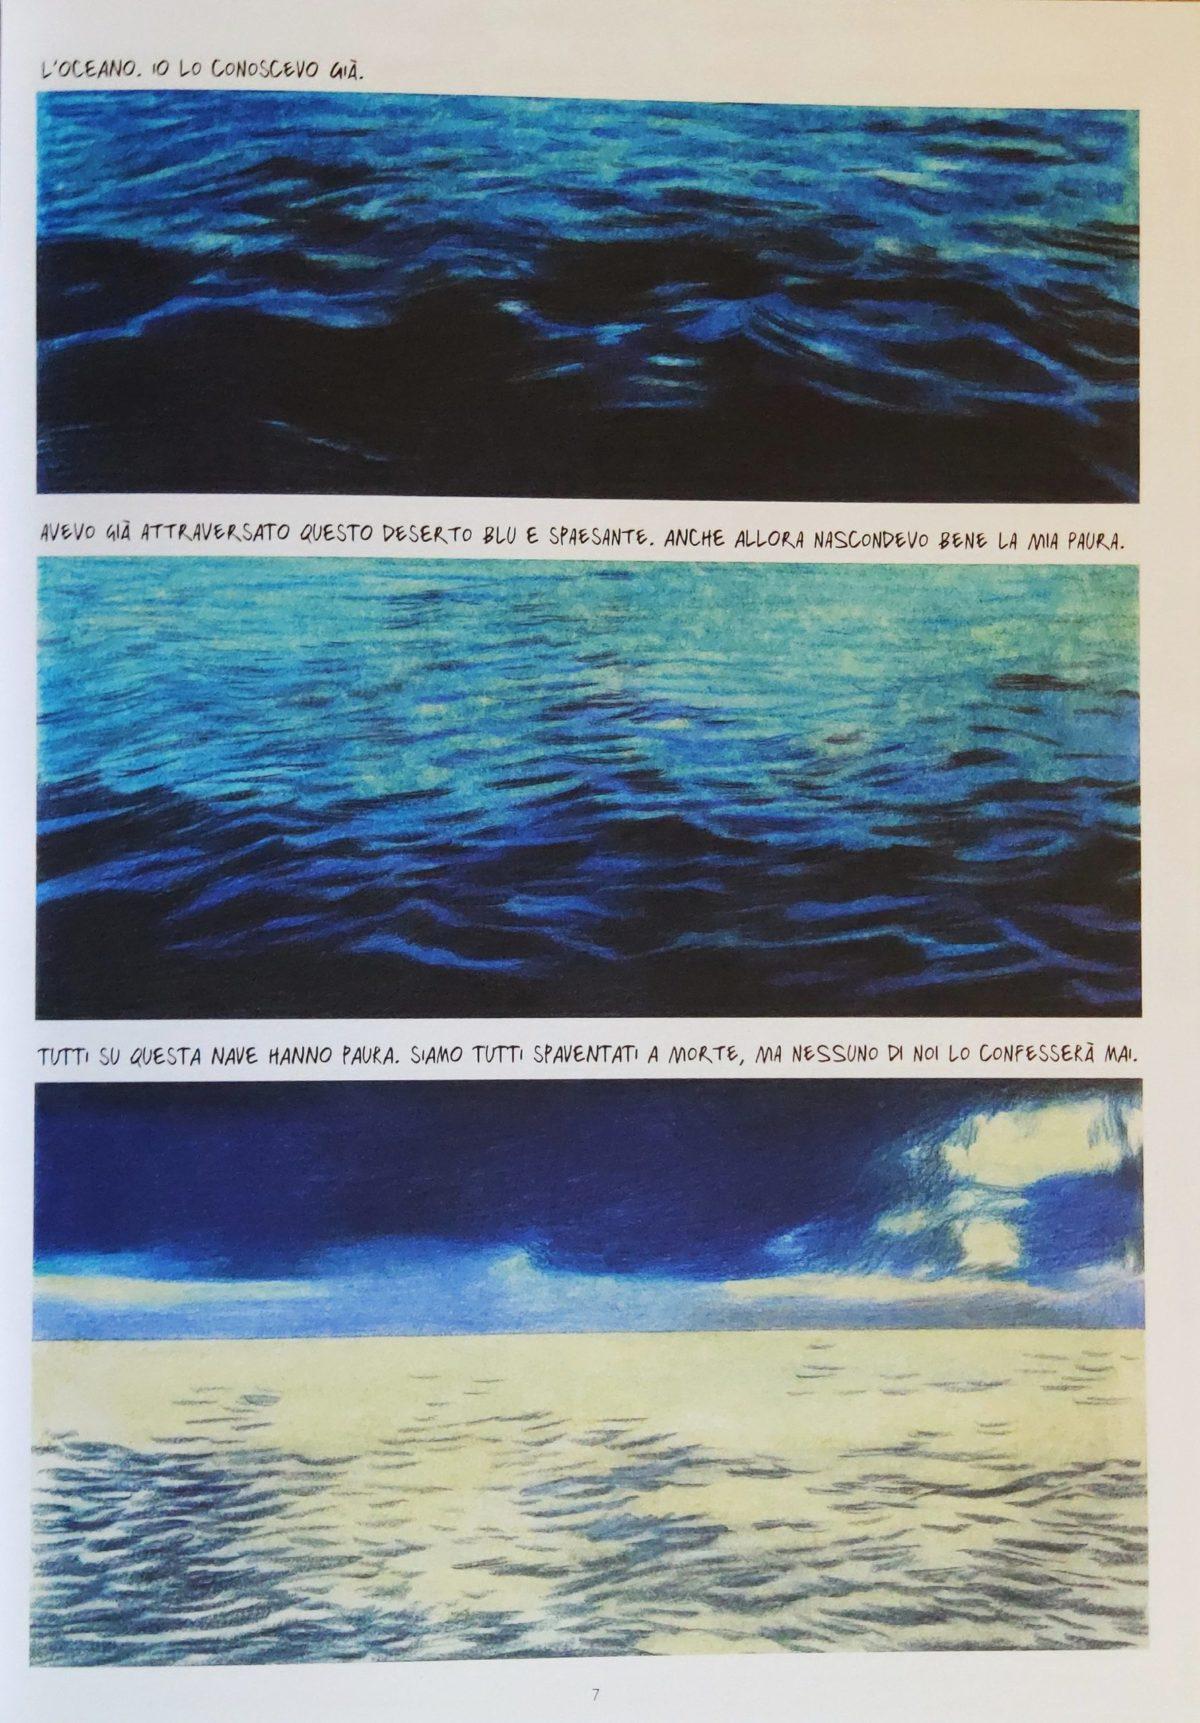 Mio caro fumetto... - L'oceano e le emozioni di Rapsodia in blu